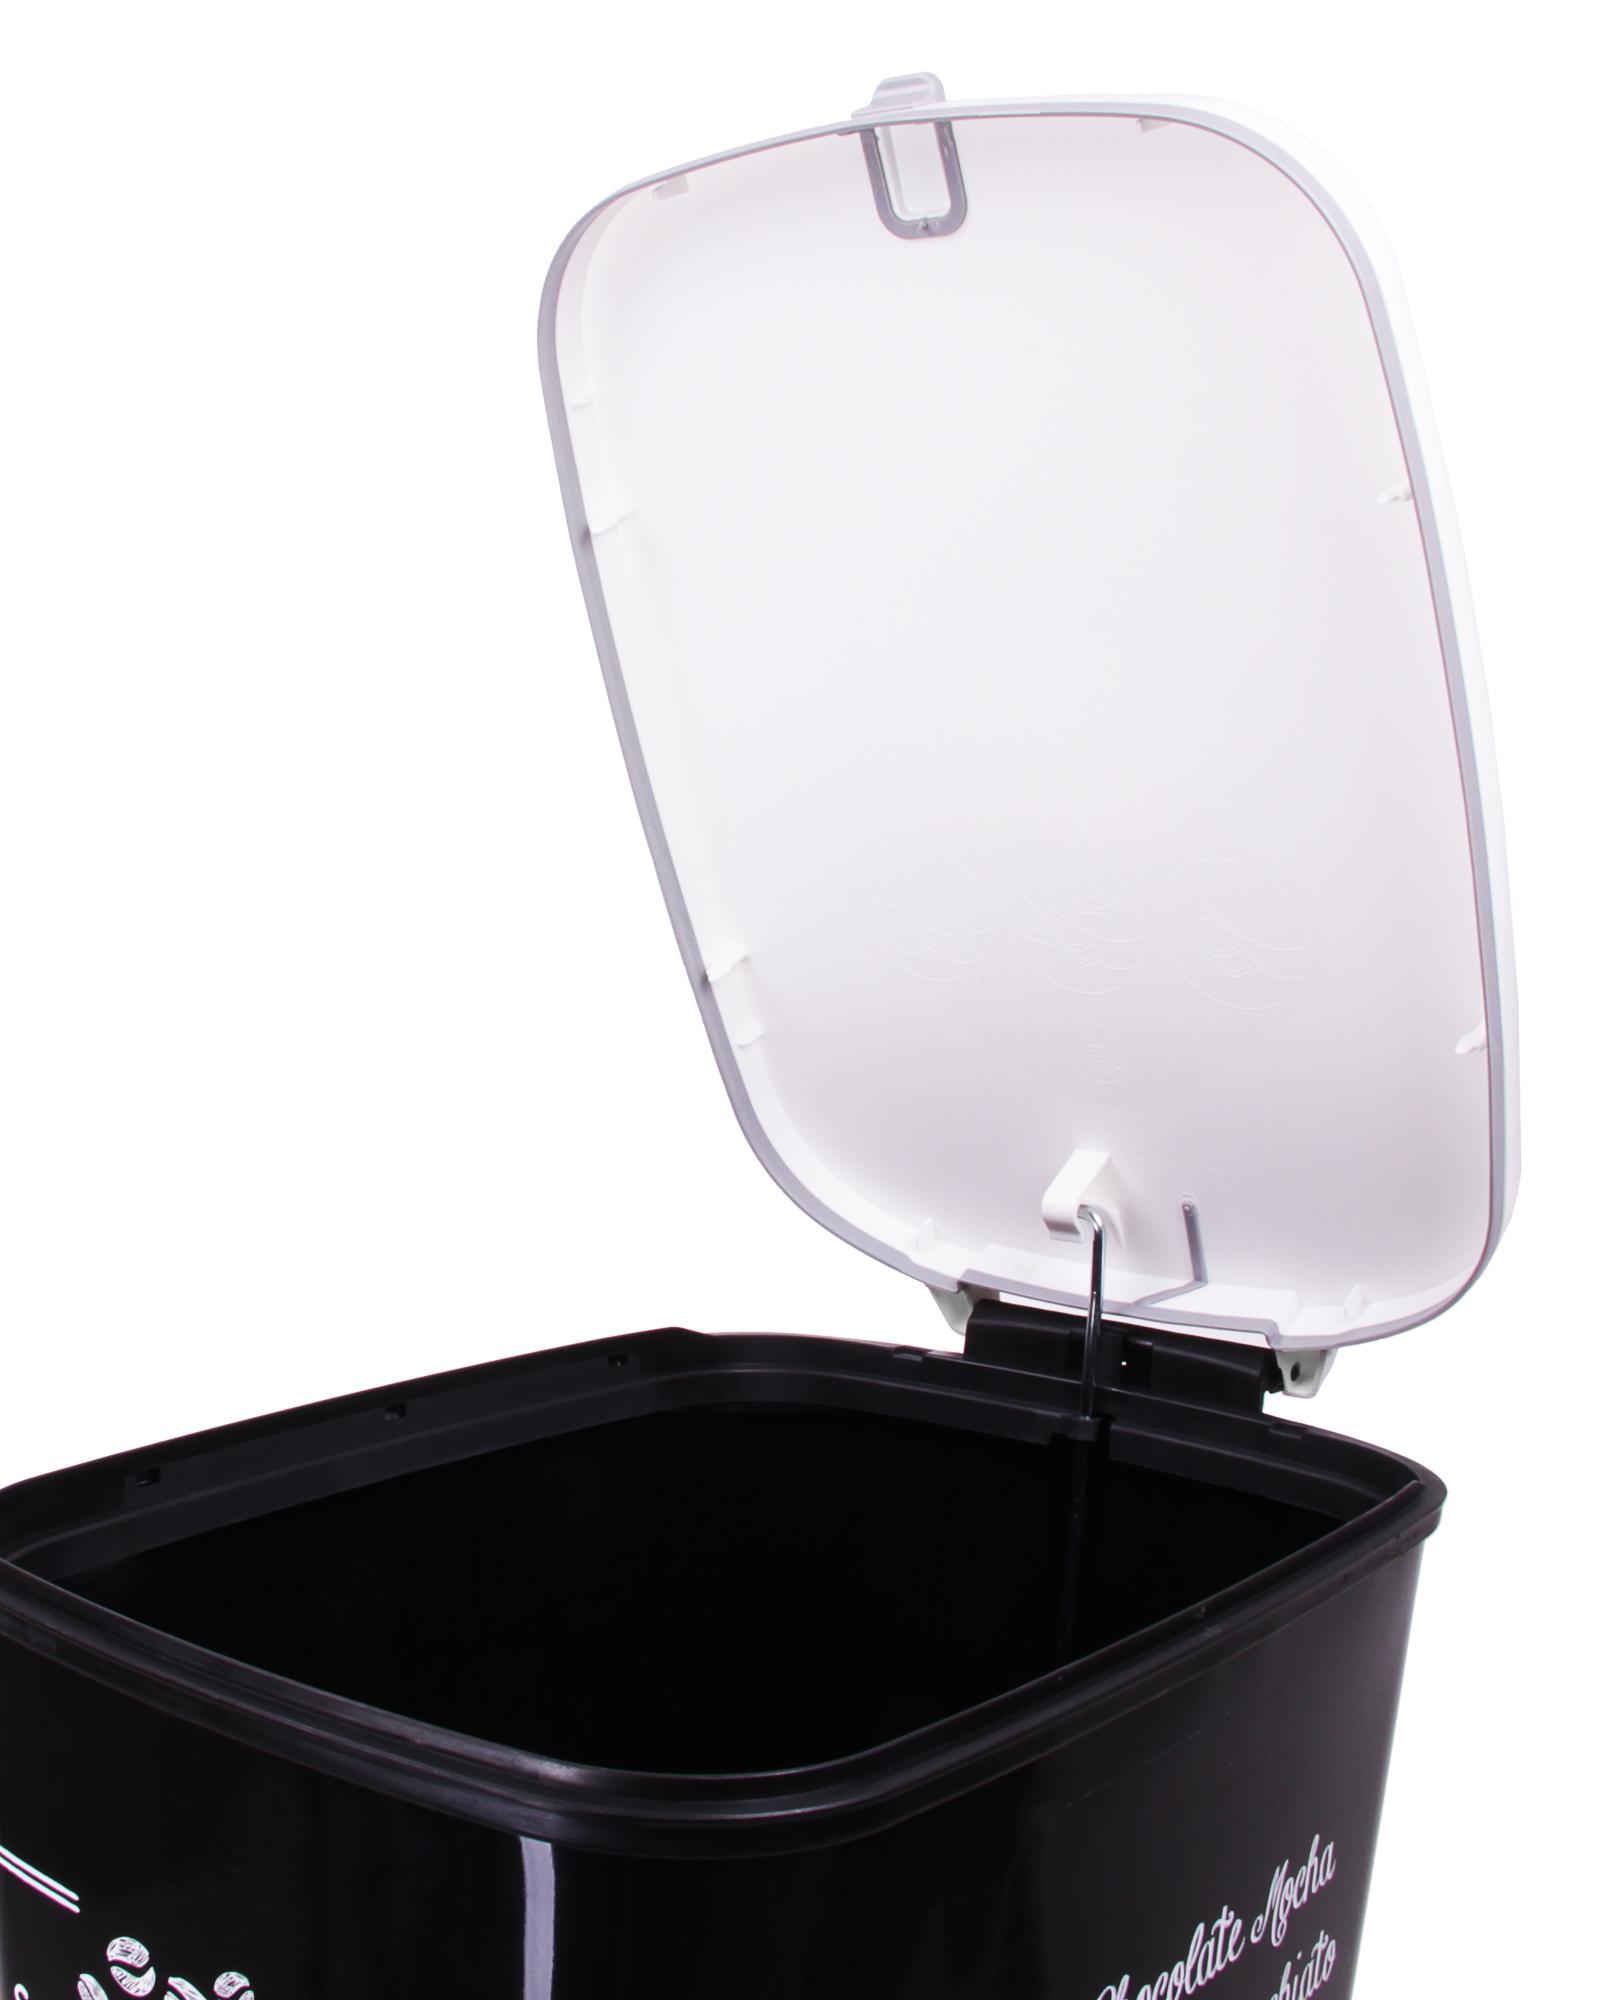 ondis24 abfalleimer m lleimer chic coffee 45 liter g nstig. Black Bedroom Furniture Sets. Home Design Ideas